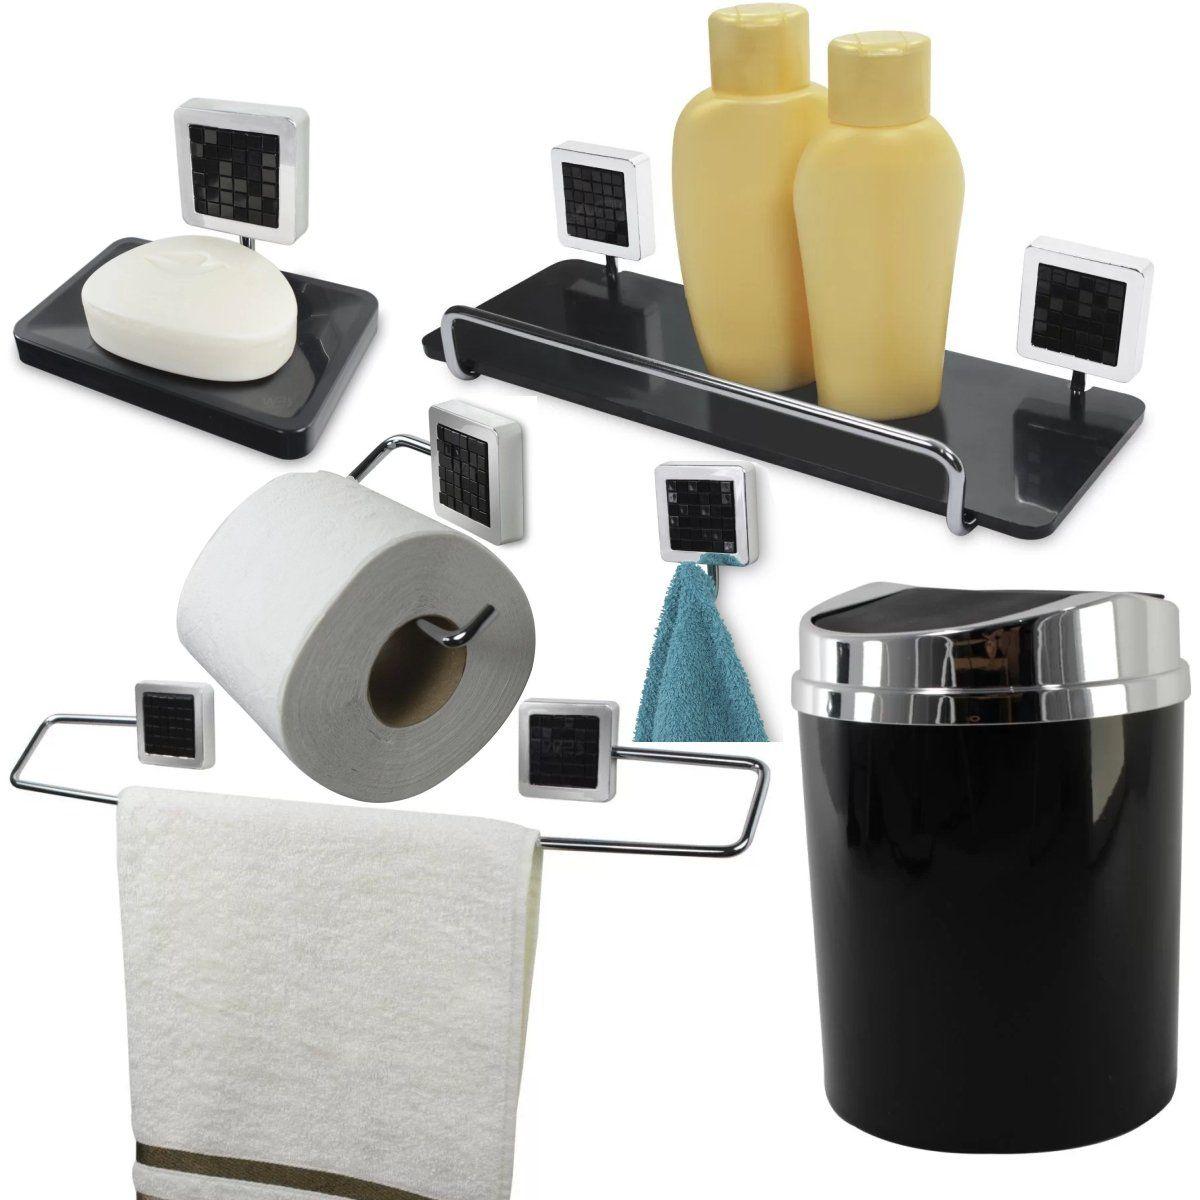 Kit Acessórios Para Banheiro 6 Peças Kit de Banheiro - Preto